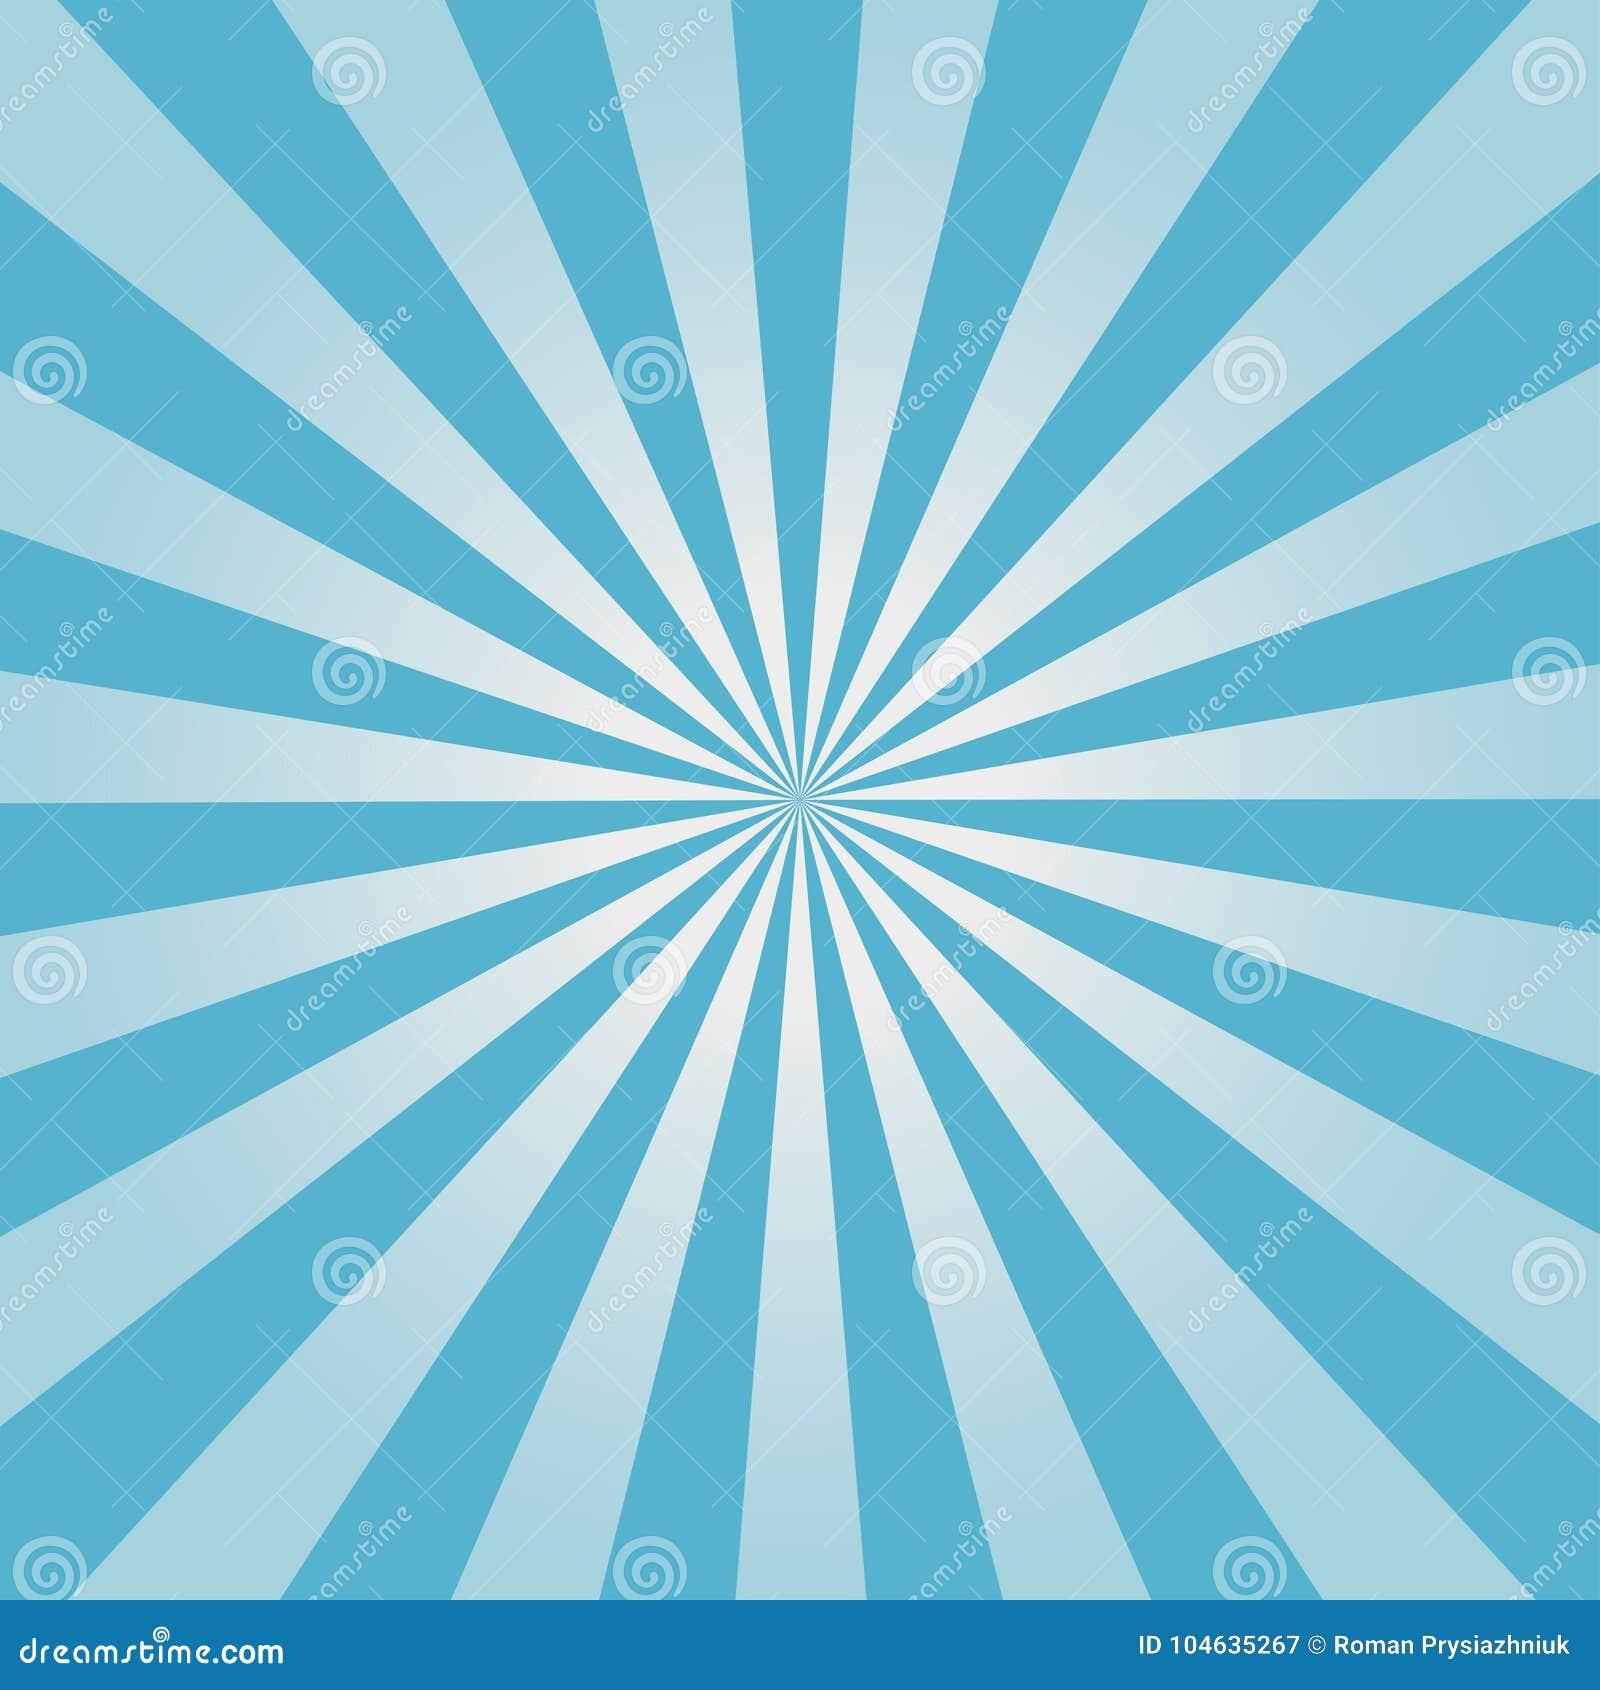 可笑的背景 蓝色镶有钻石的旭日形首饰的样式 太阳发出光线抽象背景 向量